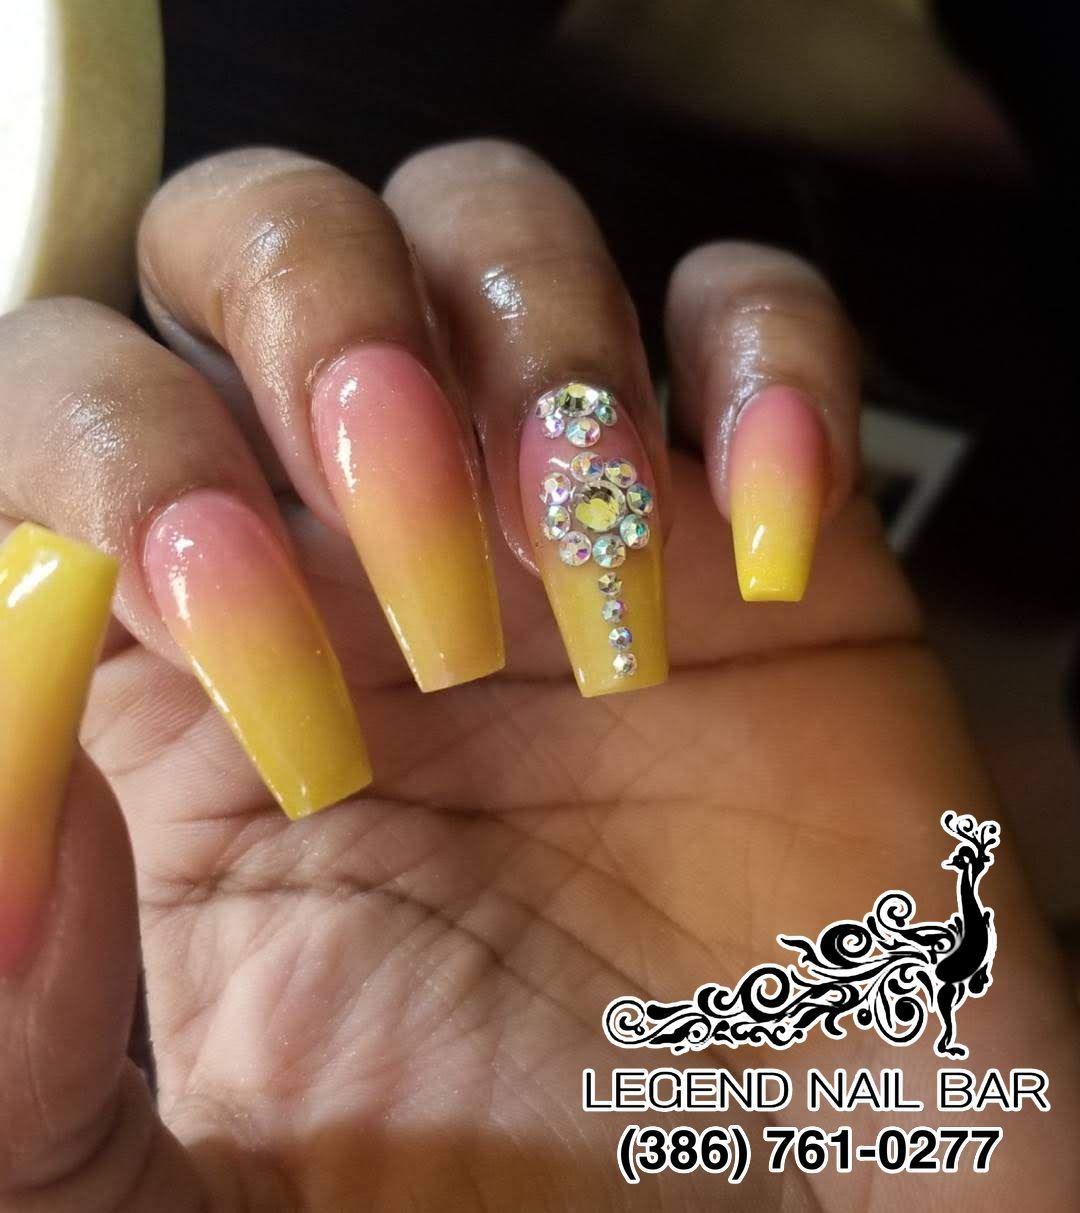 Legend Nail Bar Nail Salon In Port Orange Florida 32127 Nails Nail Bar Manicure